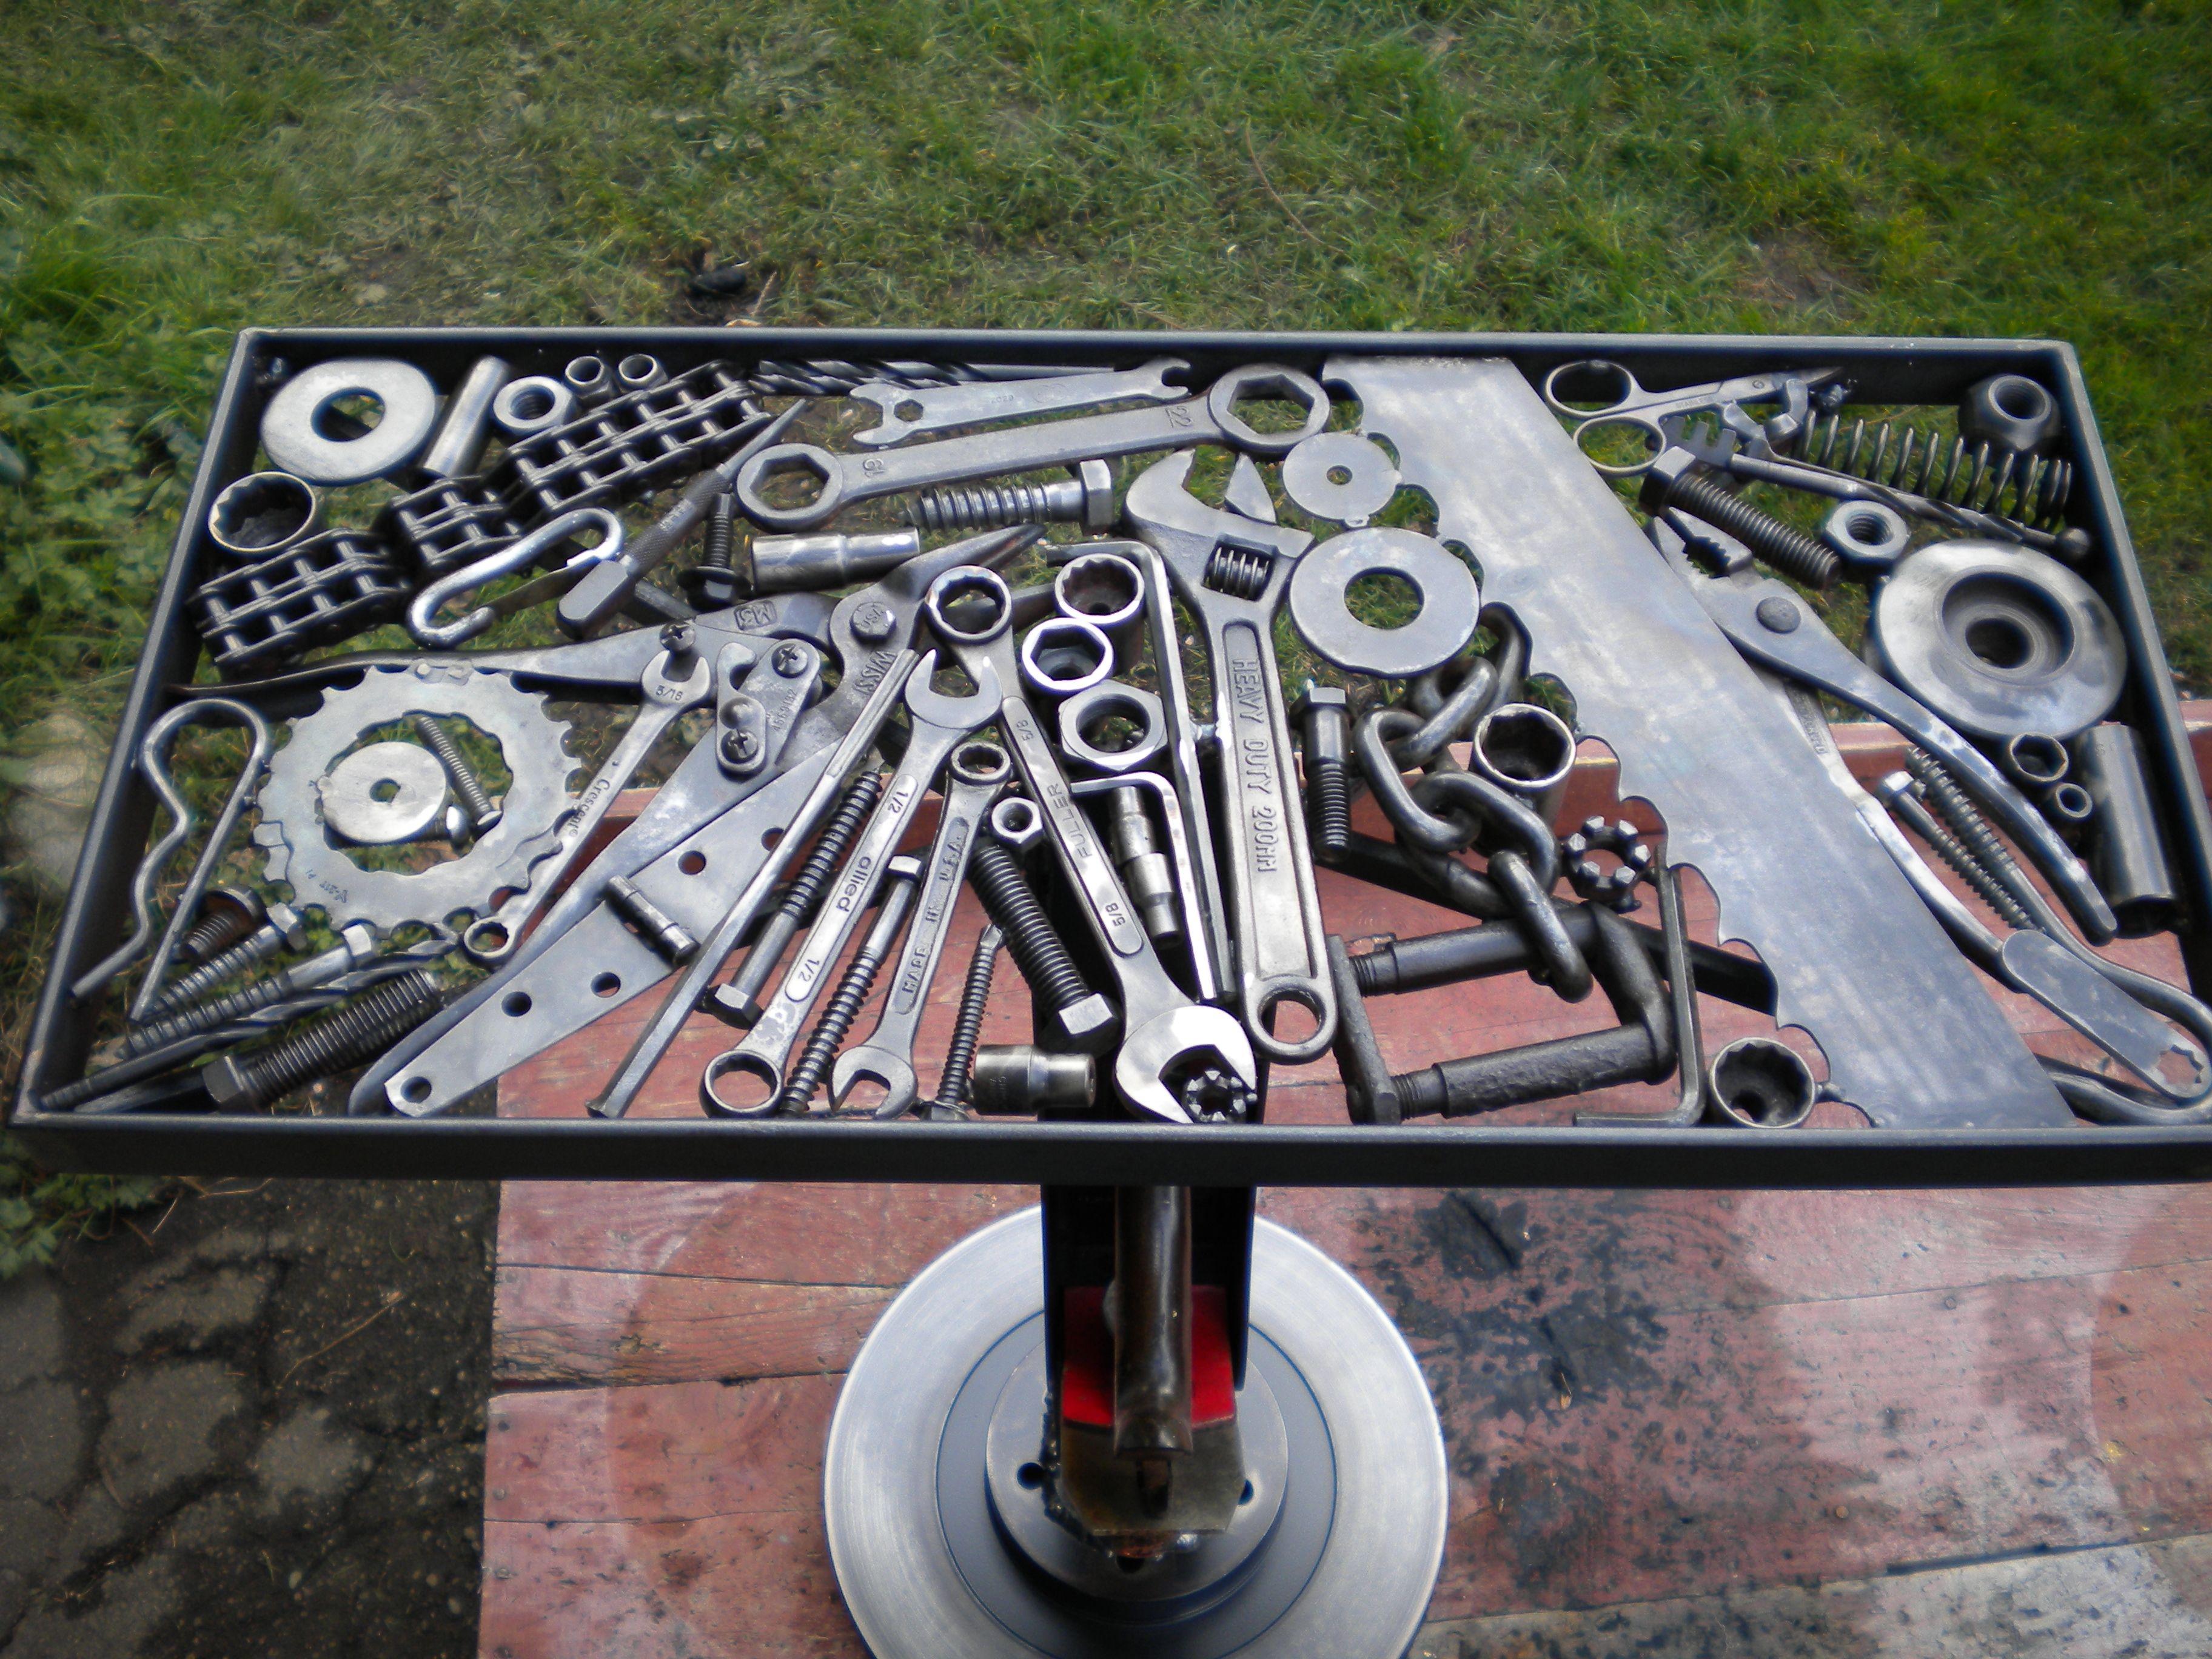 Welded Chain Art Miller - Welding Projects Idea